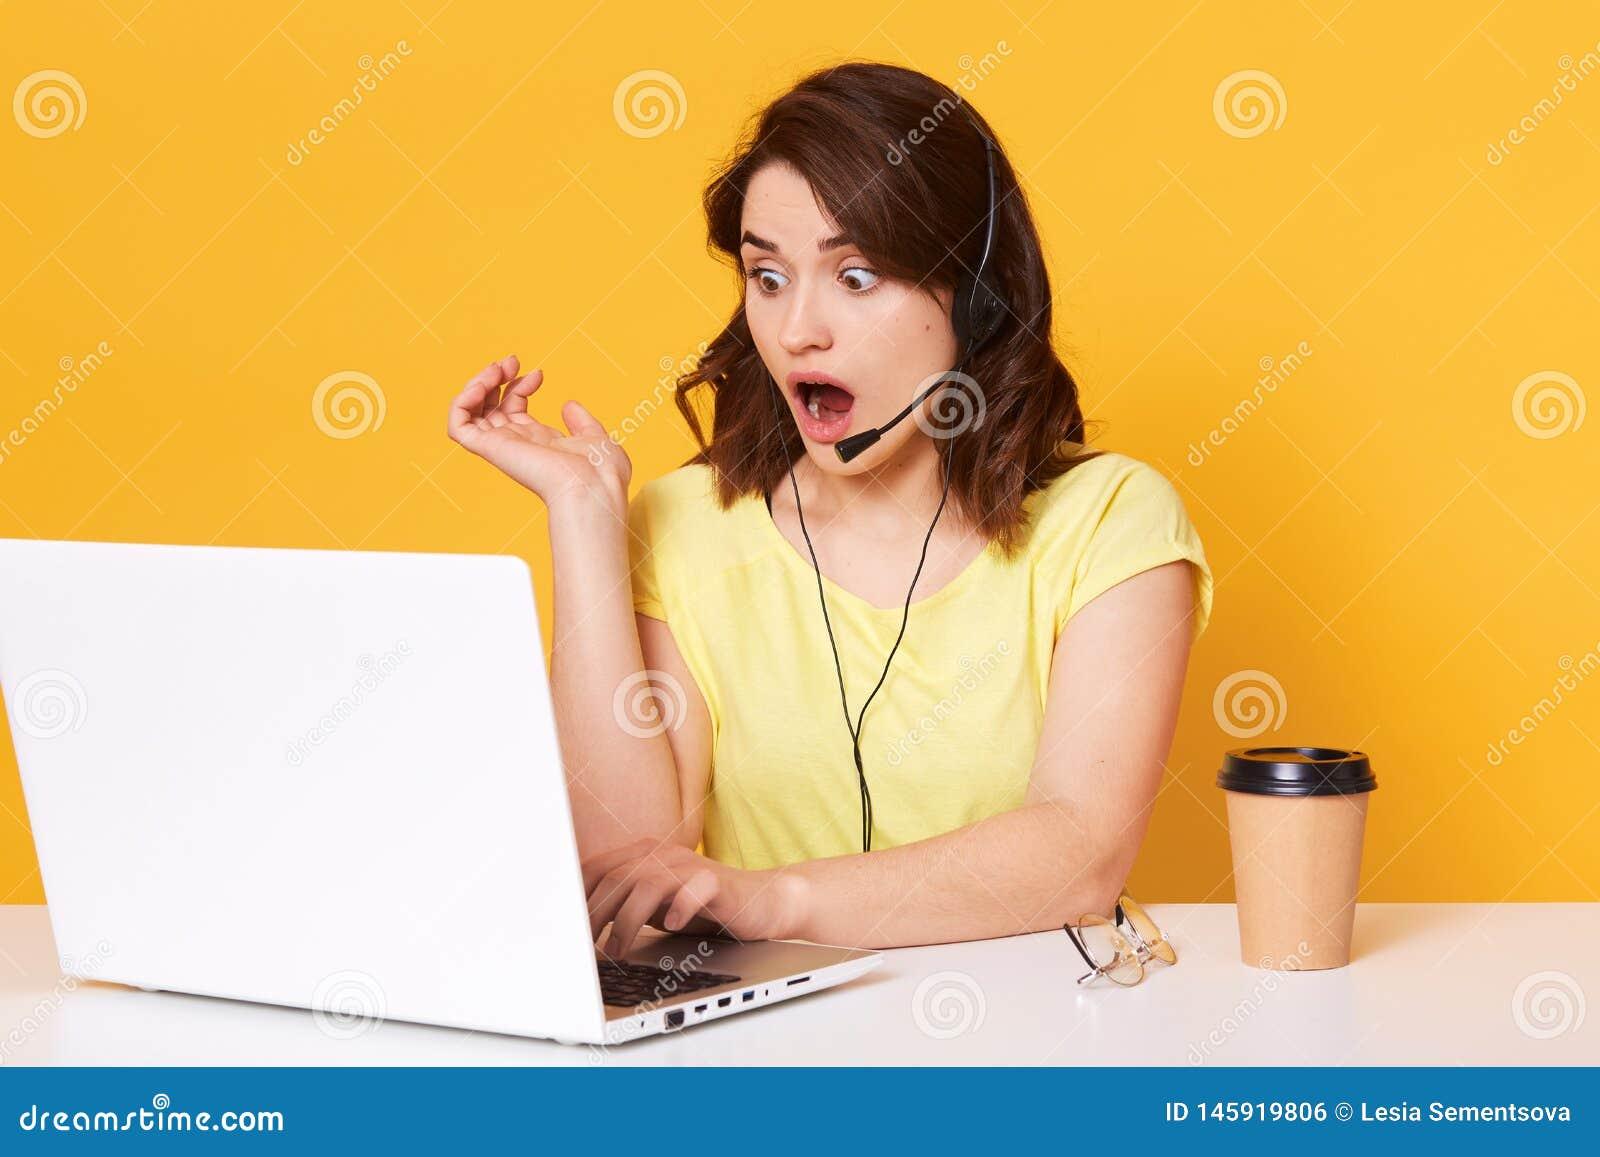 Meia foto do lengh do operador da mulher que senta-se com boca aberta, olhando a tela do laptopon, isolada sobre o fundo amarelo